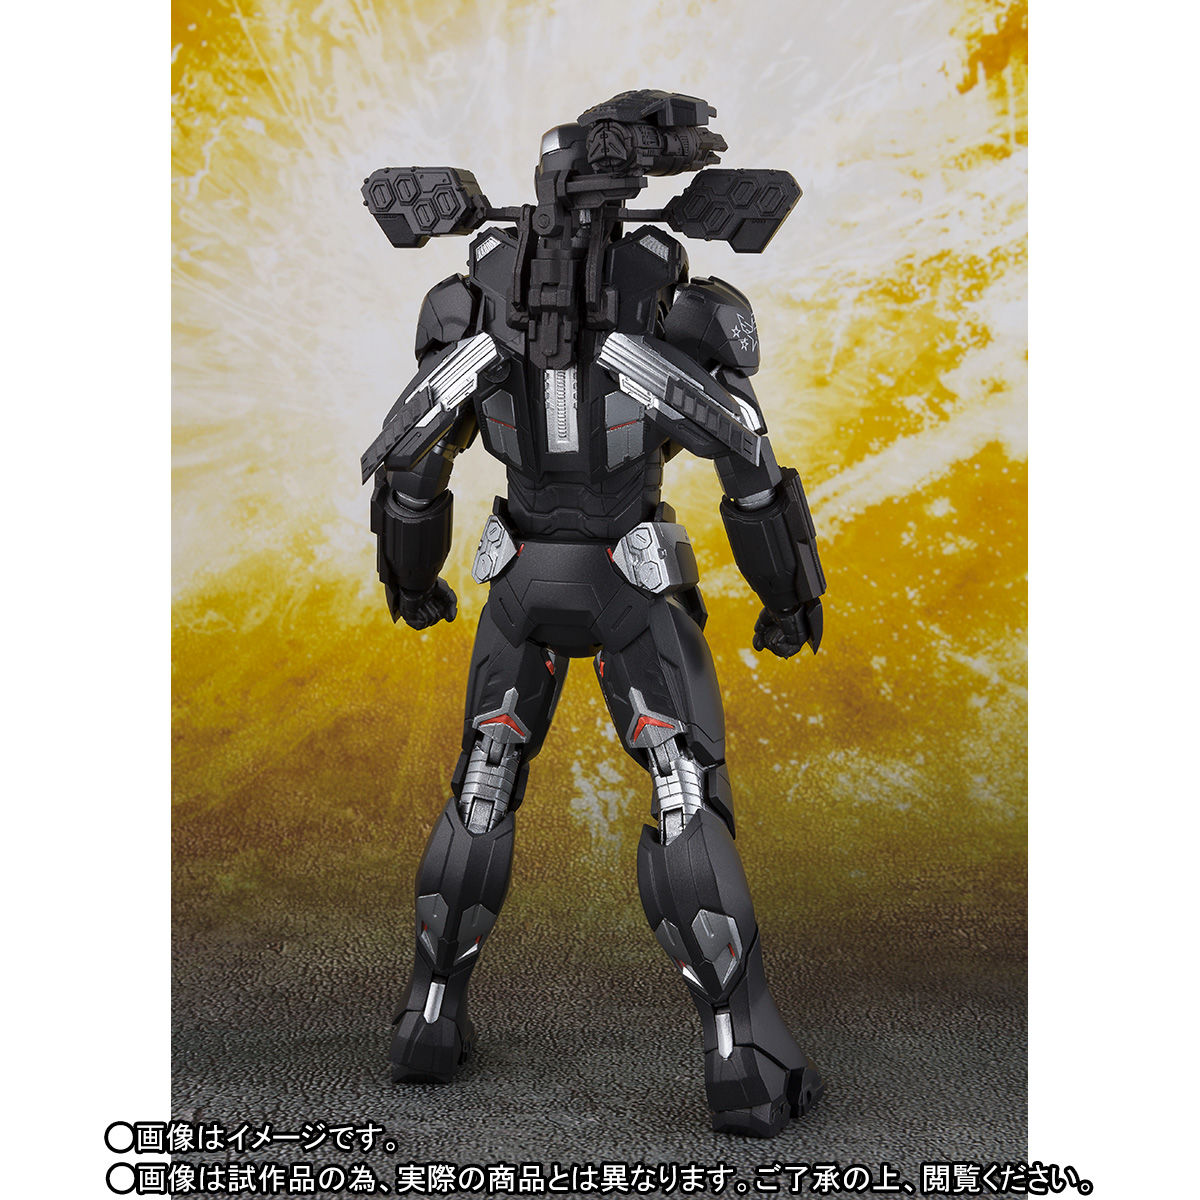 S.H.フィギュアーツ『ウォーマシン マーク4』アベンジャーズ/インフィニティ・ウォー 可動フィギュア-006